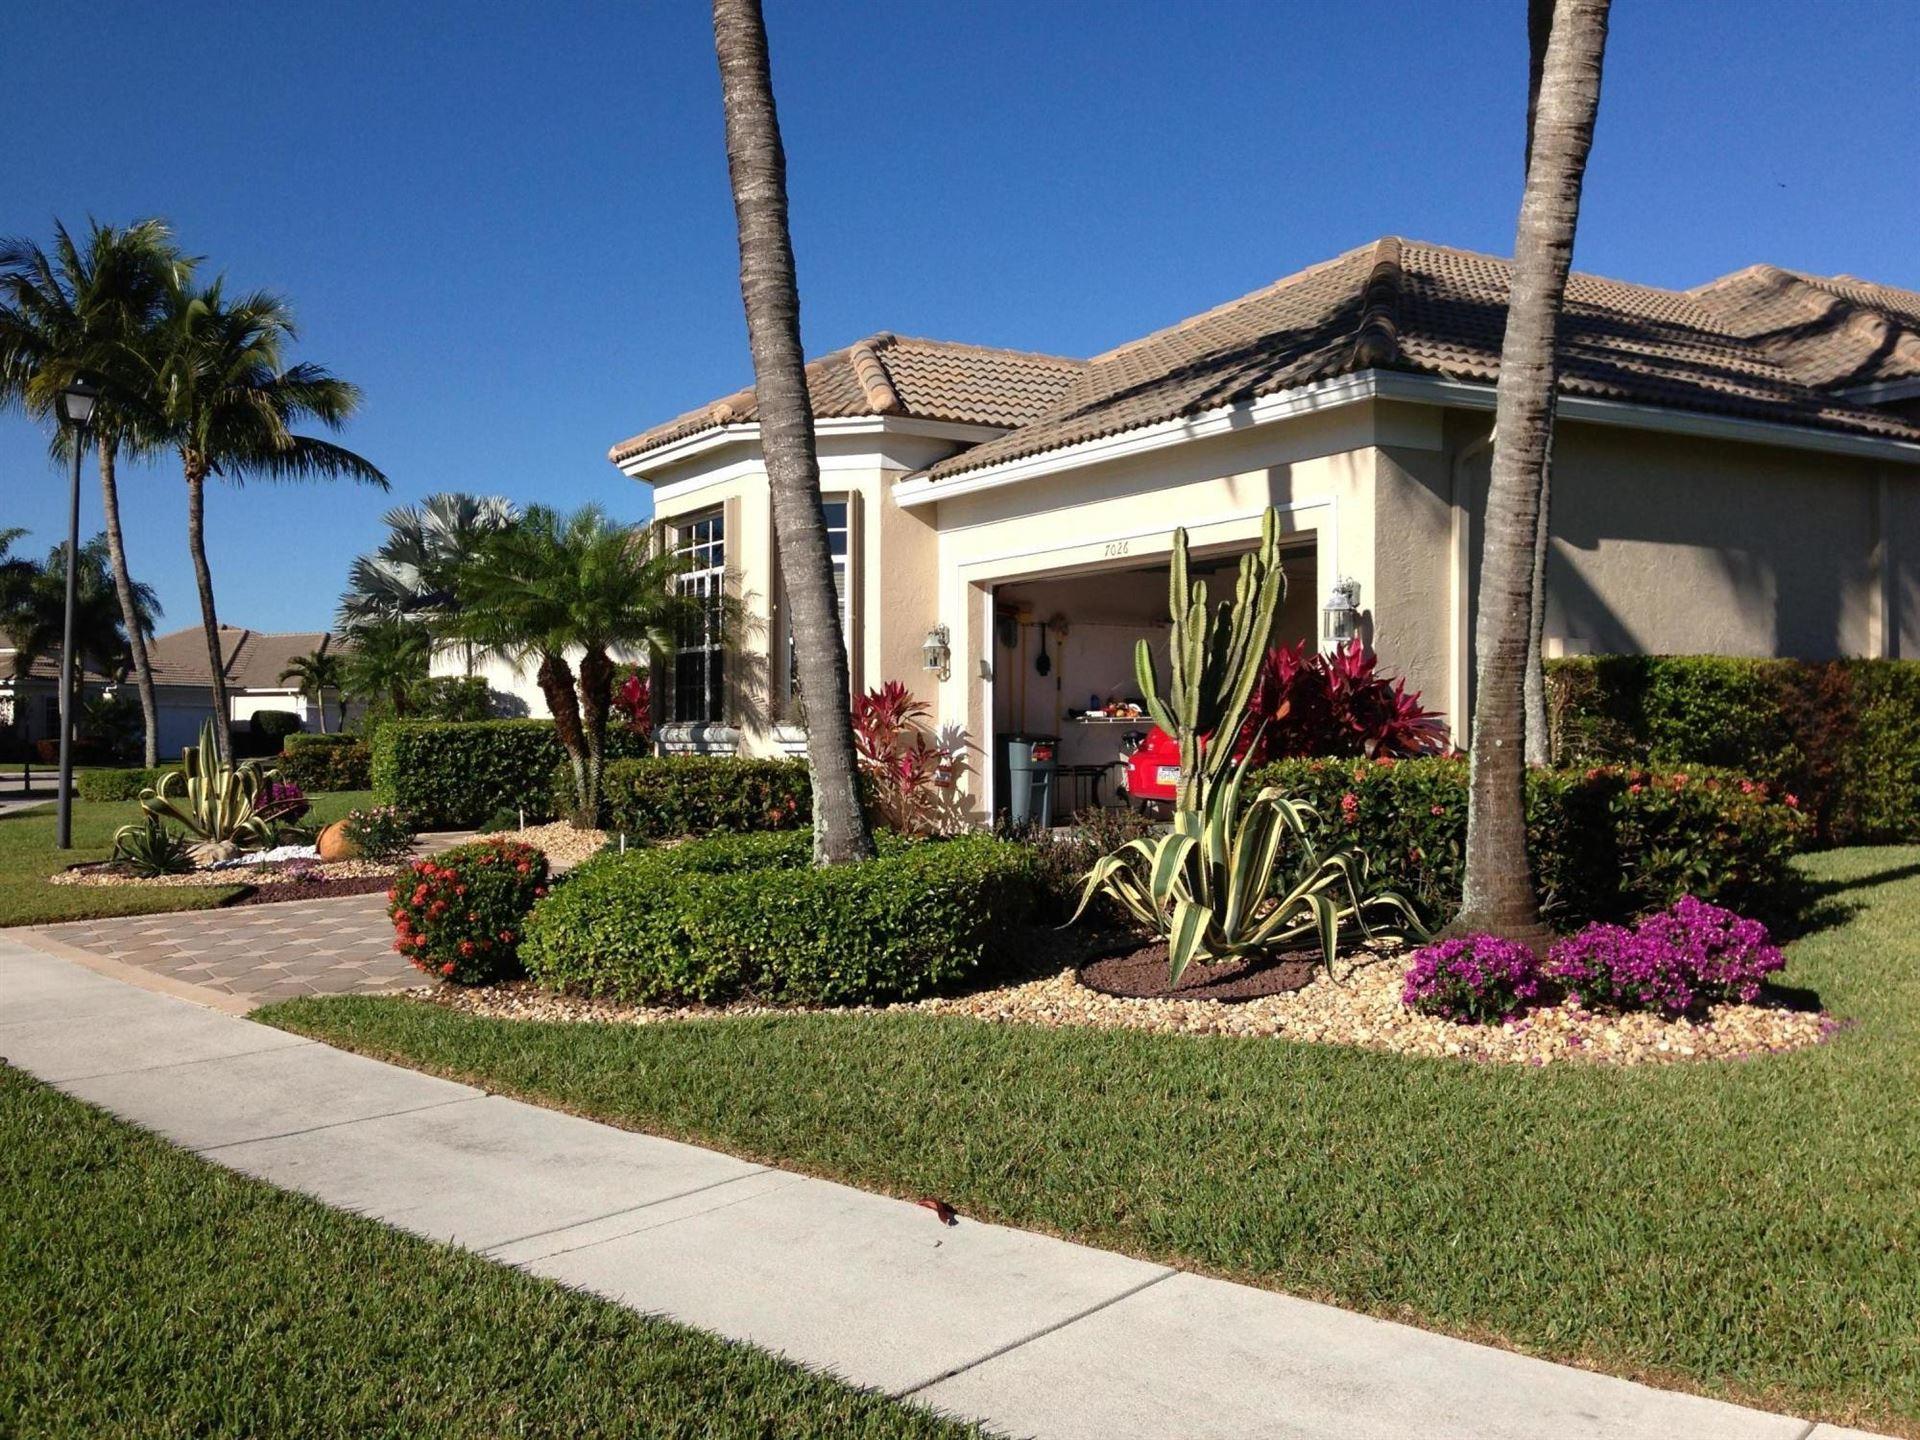 7026 Fairway Lakes Drive, Boynton Beach, FL 33437 - #: RX-10641383